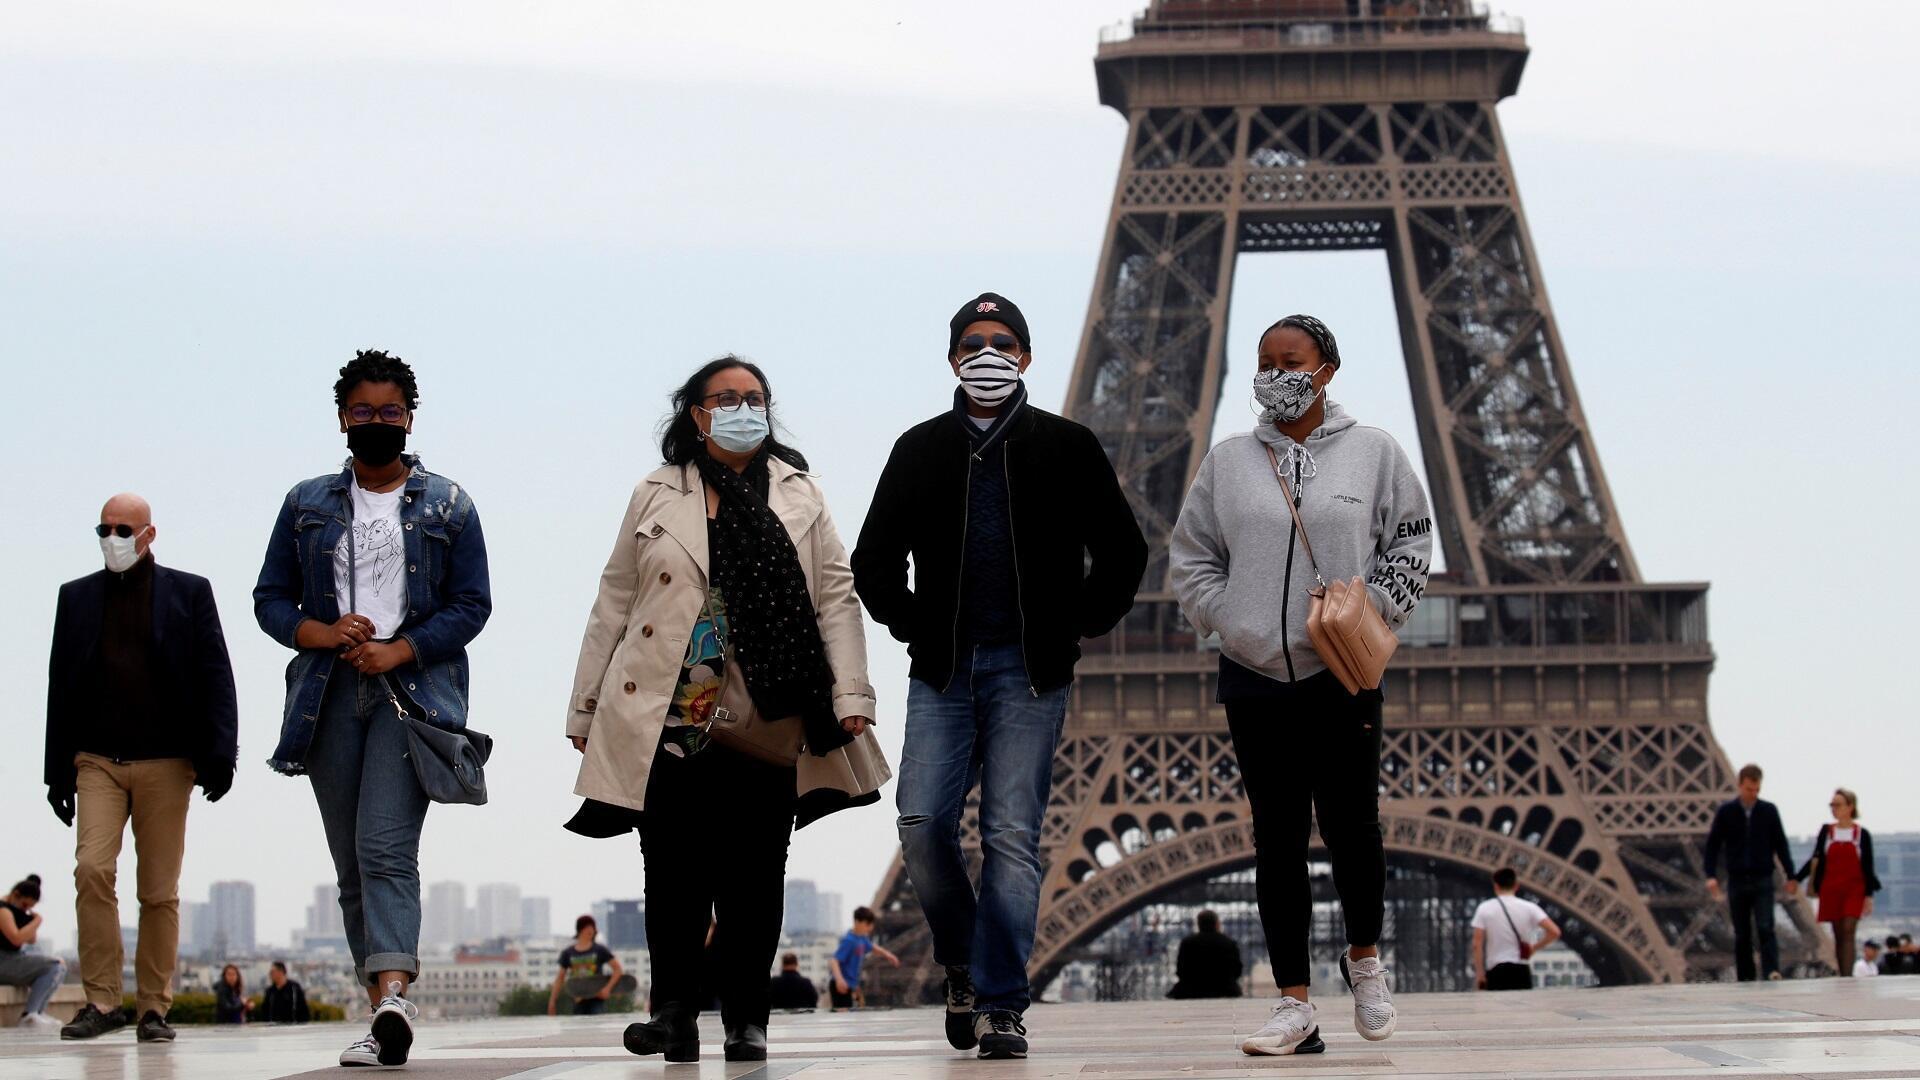 أشخاص يرتدون كمامات أمام برج إيفل بالعاصمة الفرنسية باريس بعد بدء تخفيف الحجر الصحي، 16 مايو/أيار 2020.